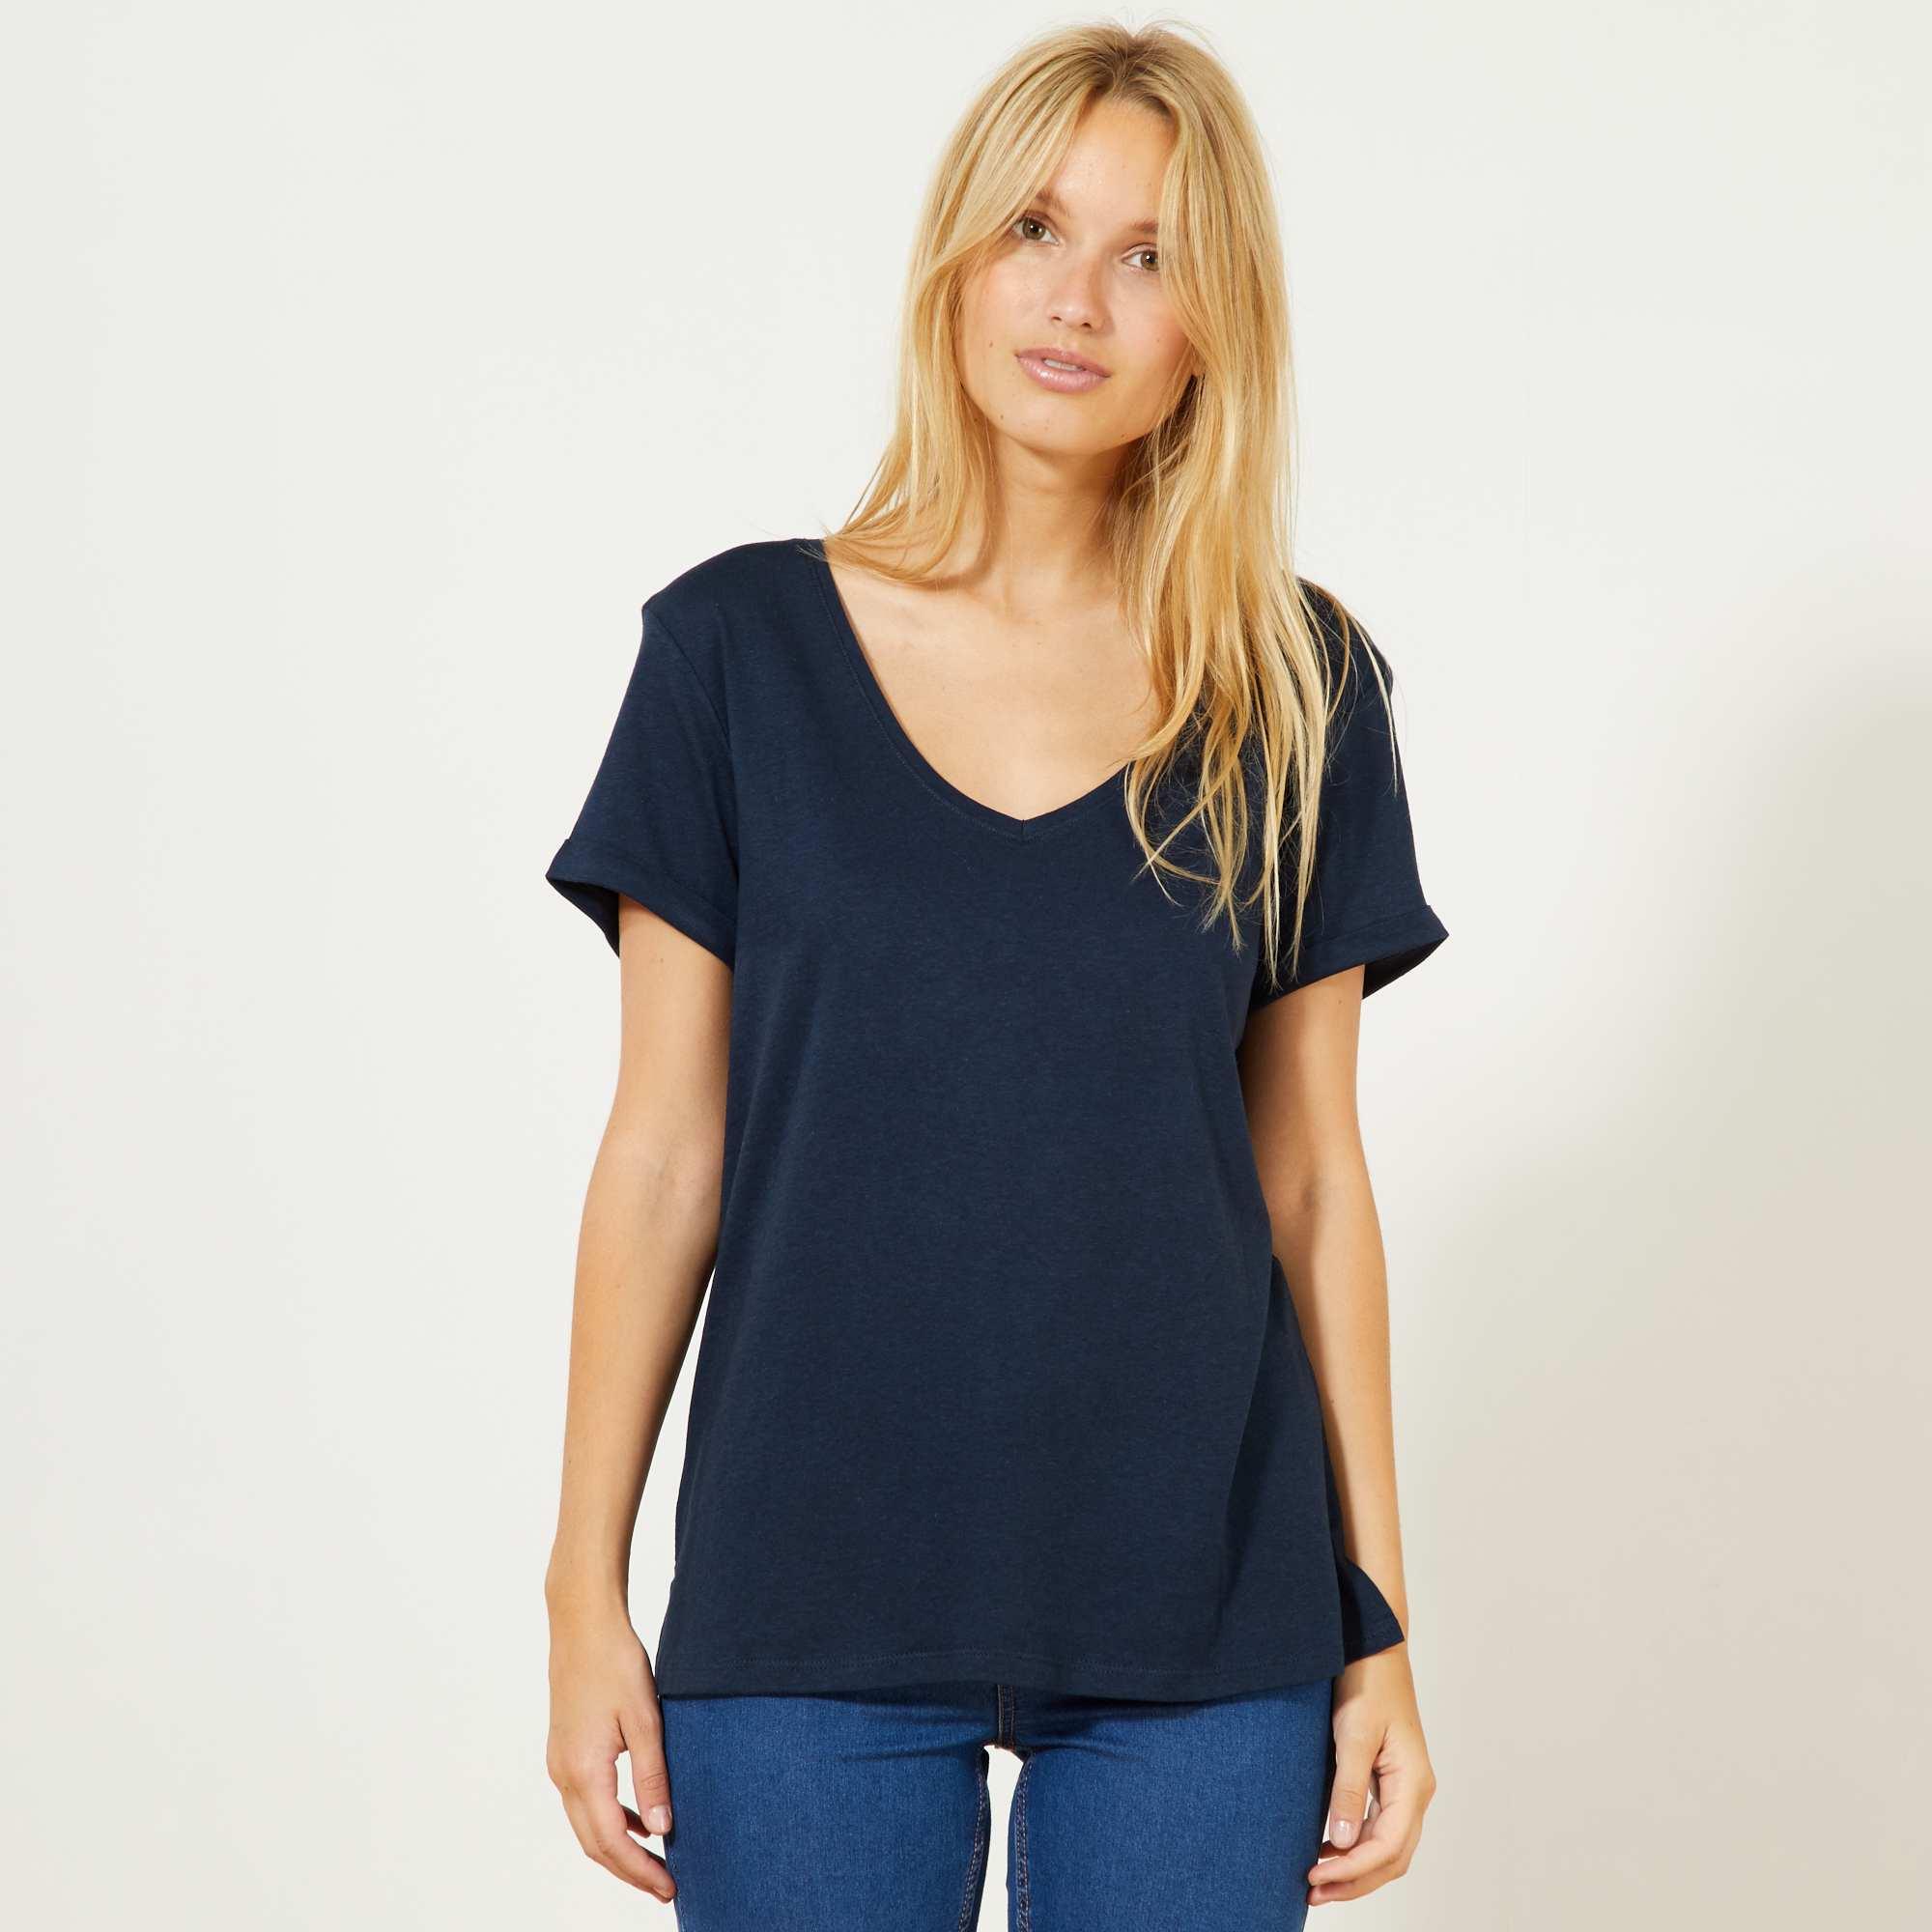 Couleur : bleu marine, blanc, gris chiné clair,vert, - Taille : L, M, XL,S,Un bon basique à avoir dans son dressing ! -T-shirt en coton modal - Manches courtes